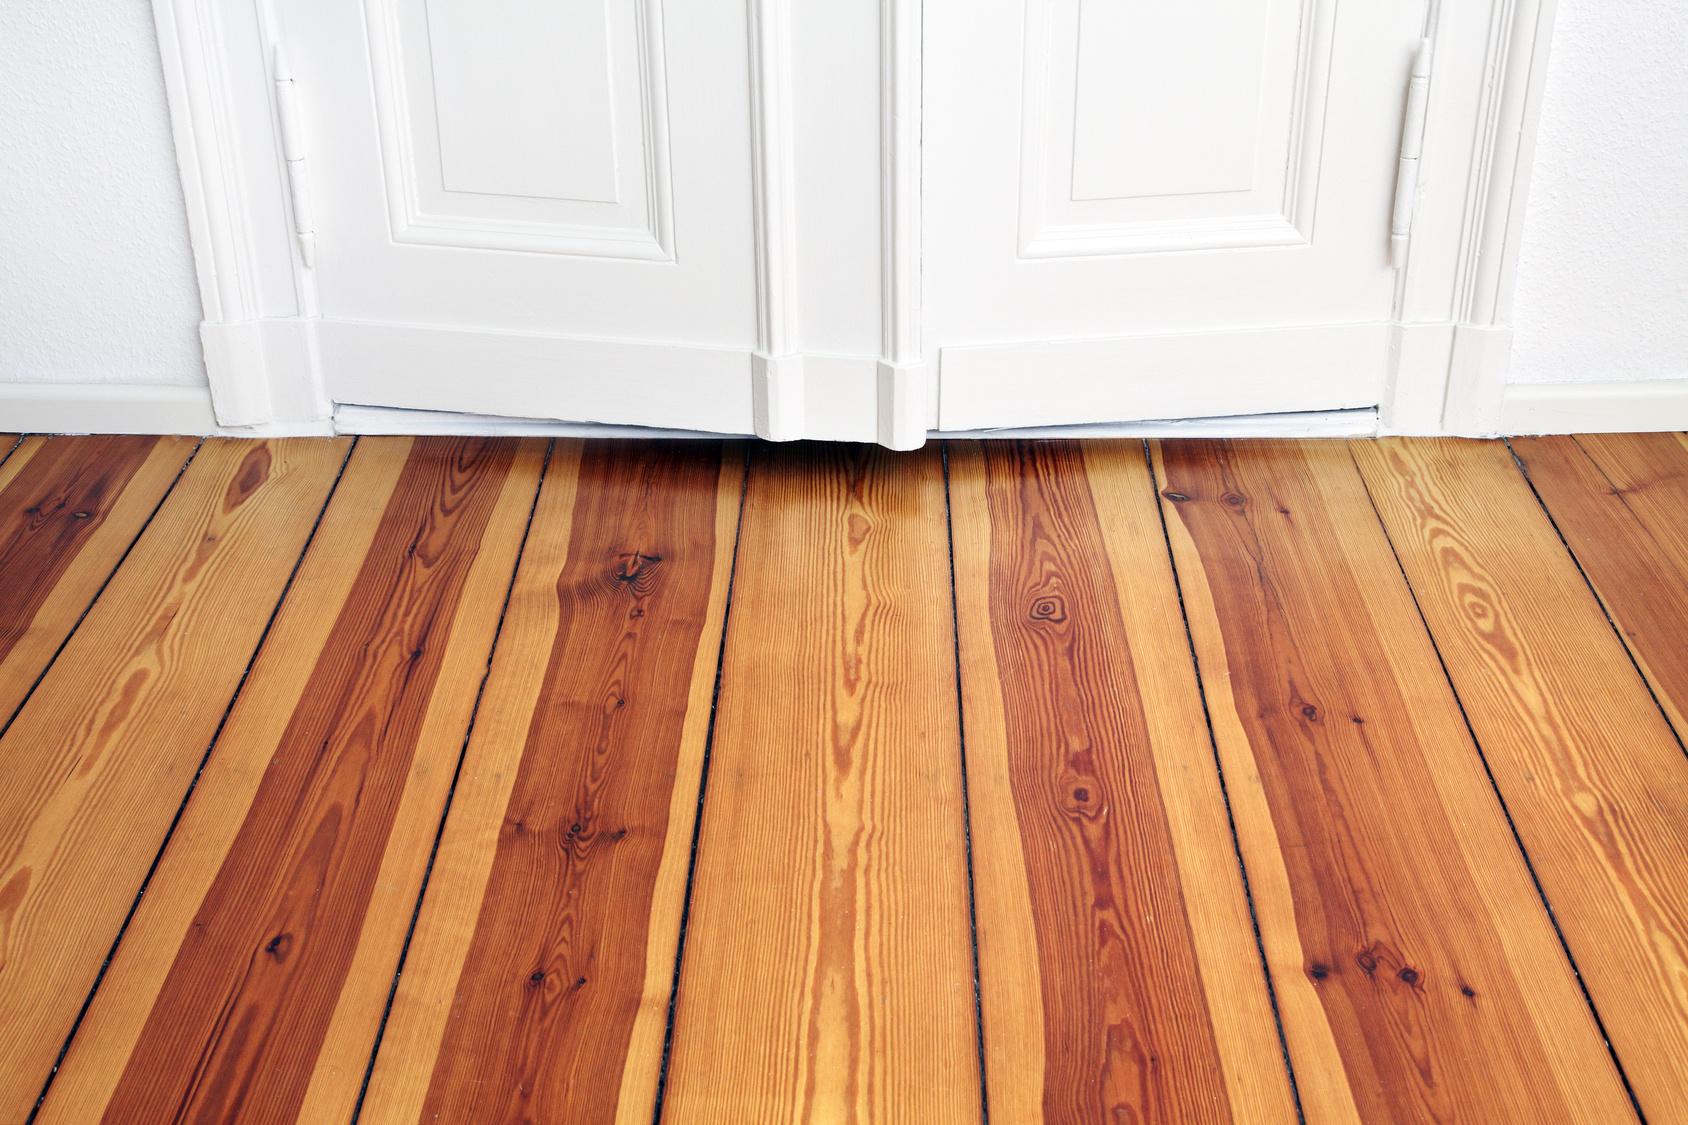 Holzfußboden Verlegen ~ Dielen verlegen anleitung für holzdielen theo schrauben